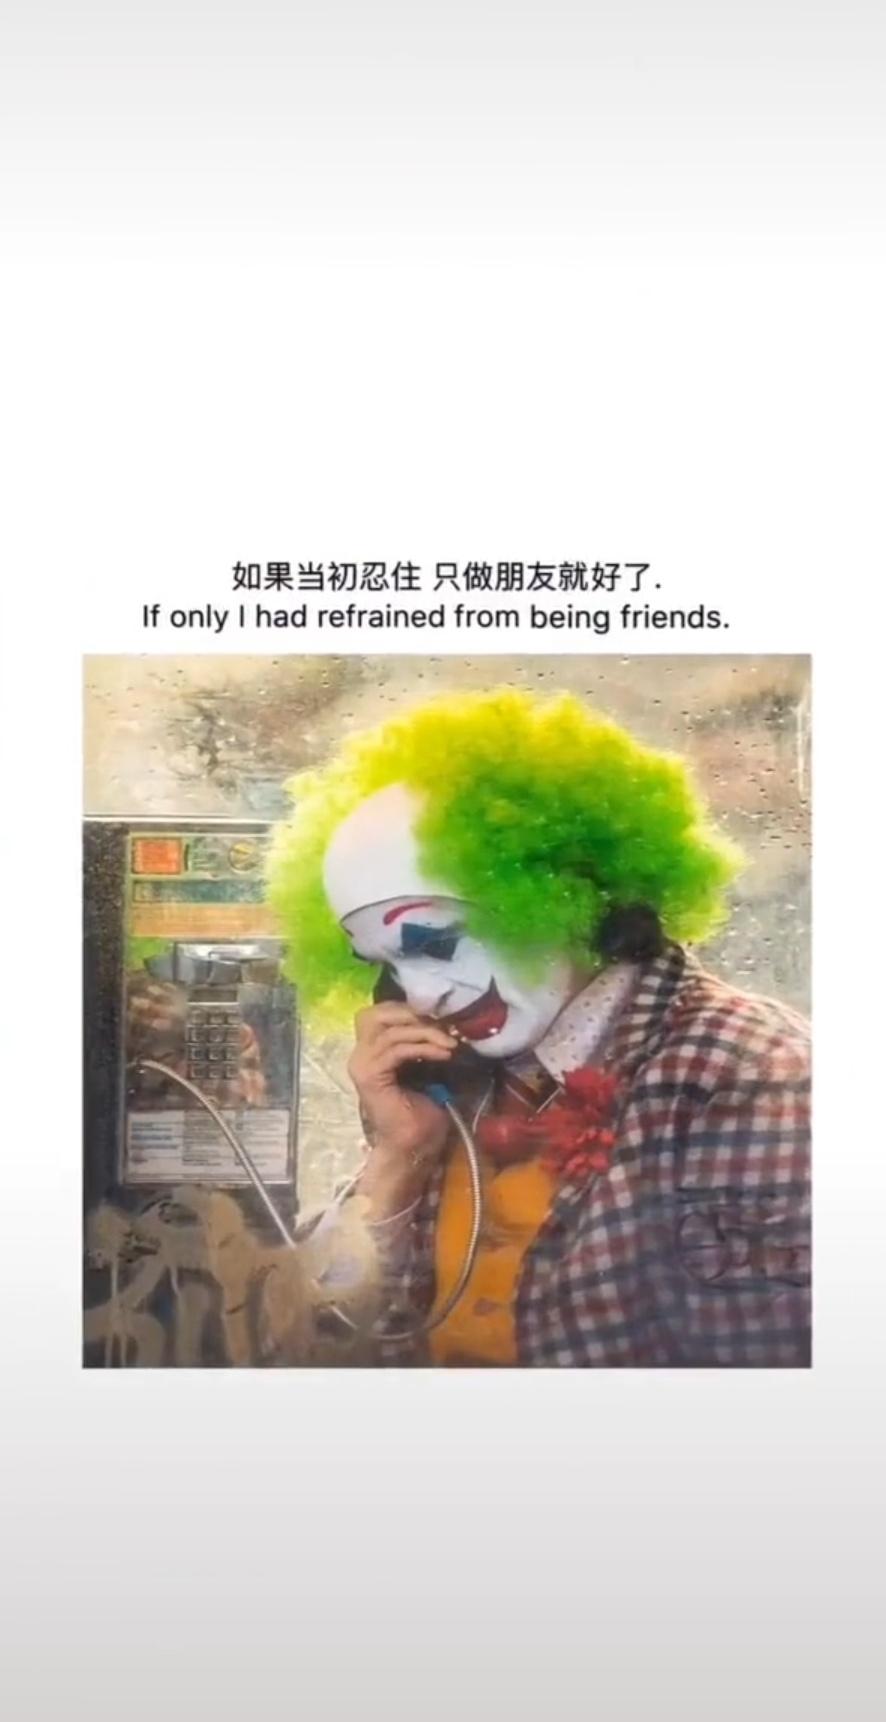 抖音如果当时忍住只做朋友就好了小丑手机壁纸  抖音手机最新壁纸大全